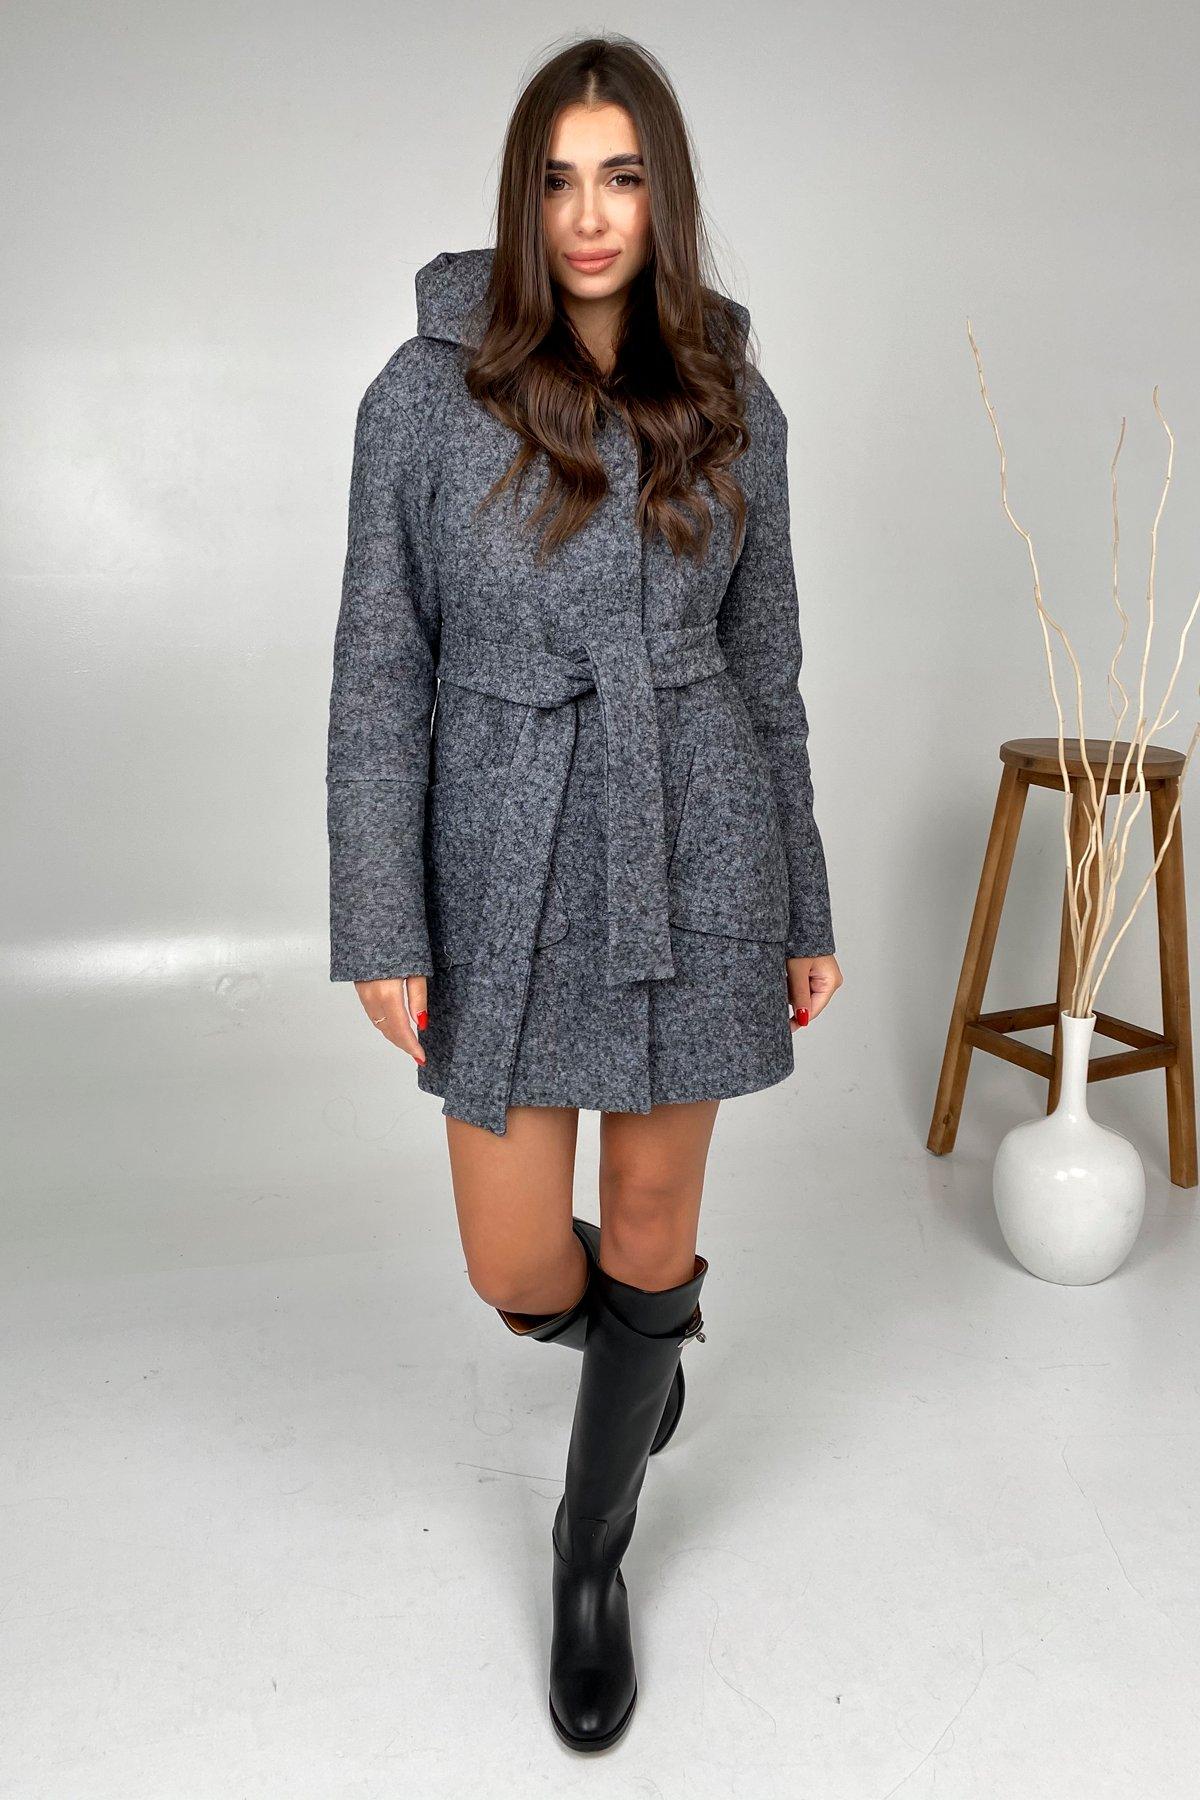 Анита шерсть варенка зима без меха пальто 9936 АРТ. 46225 Цвет: Серый Темный LW-47 - фото 5, интернет магазин tm-modus.ru